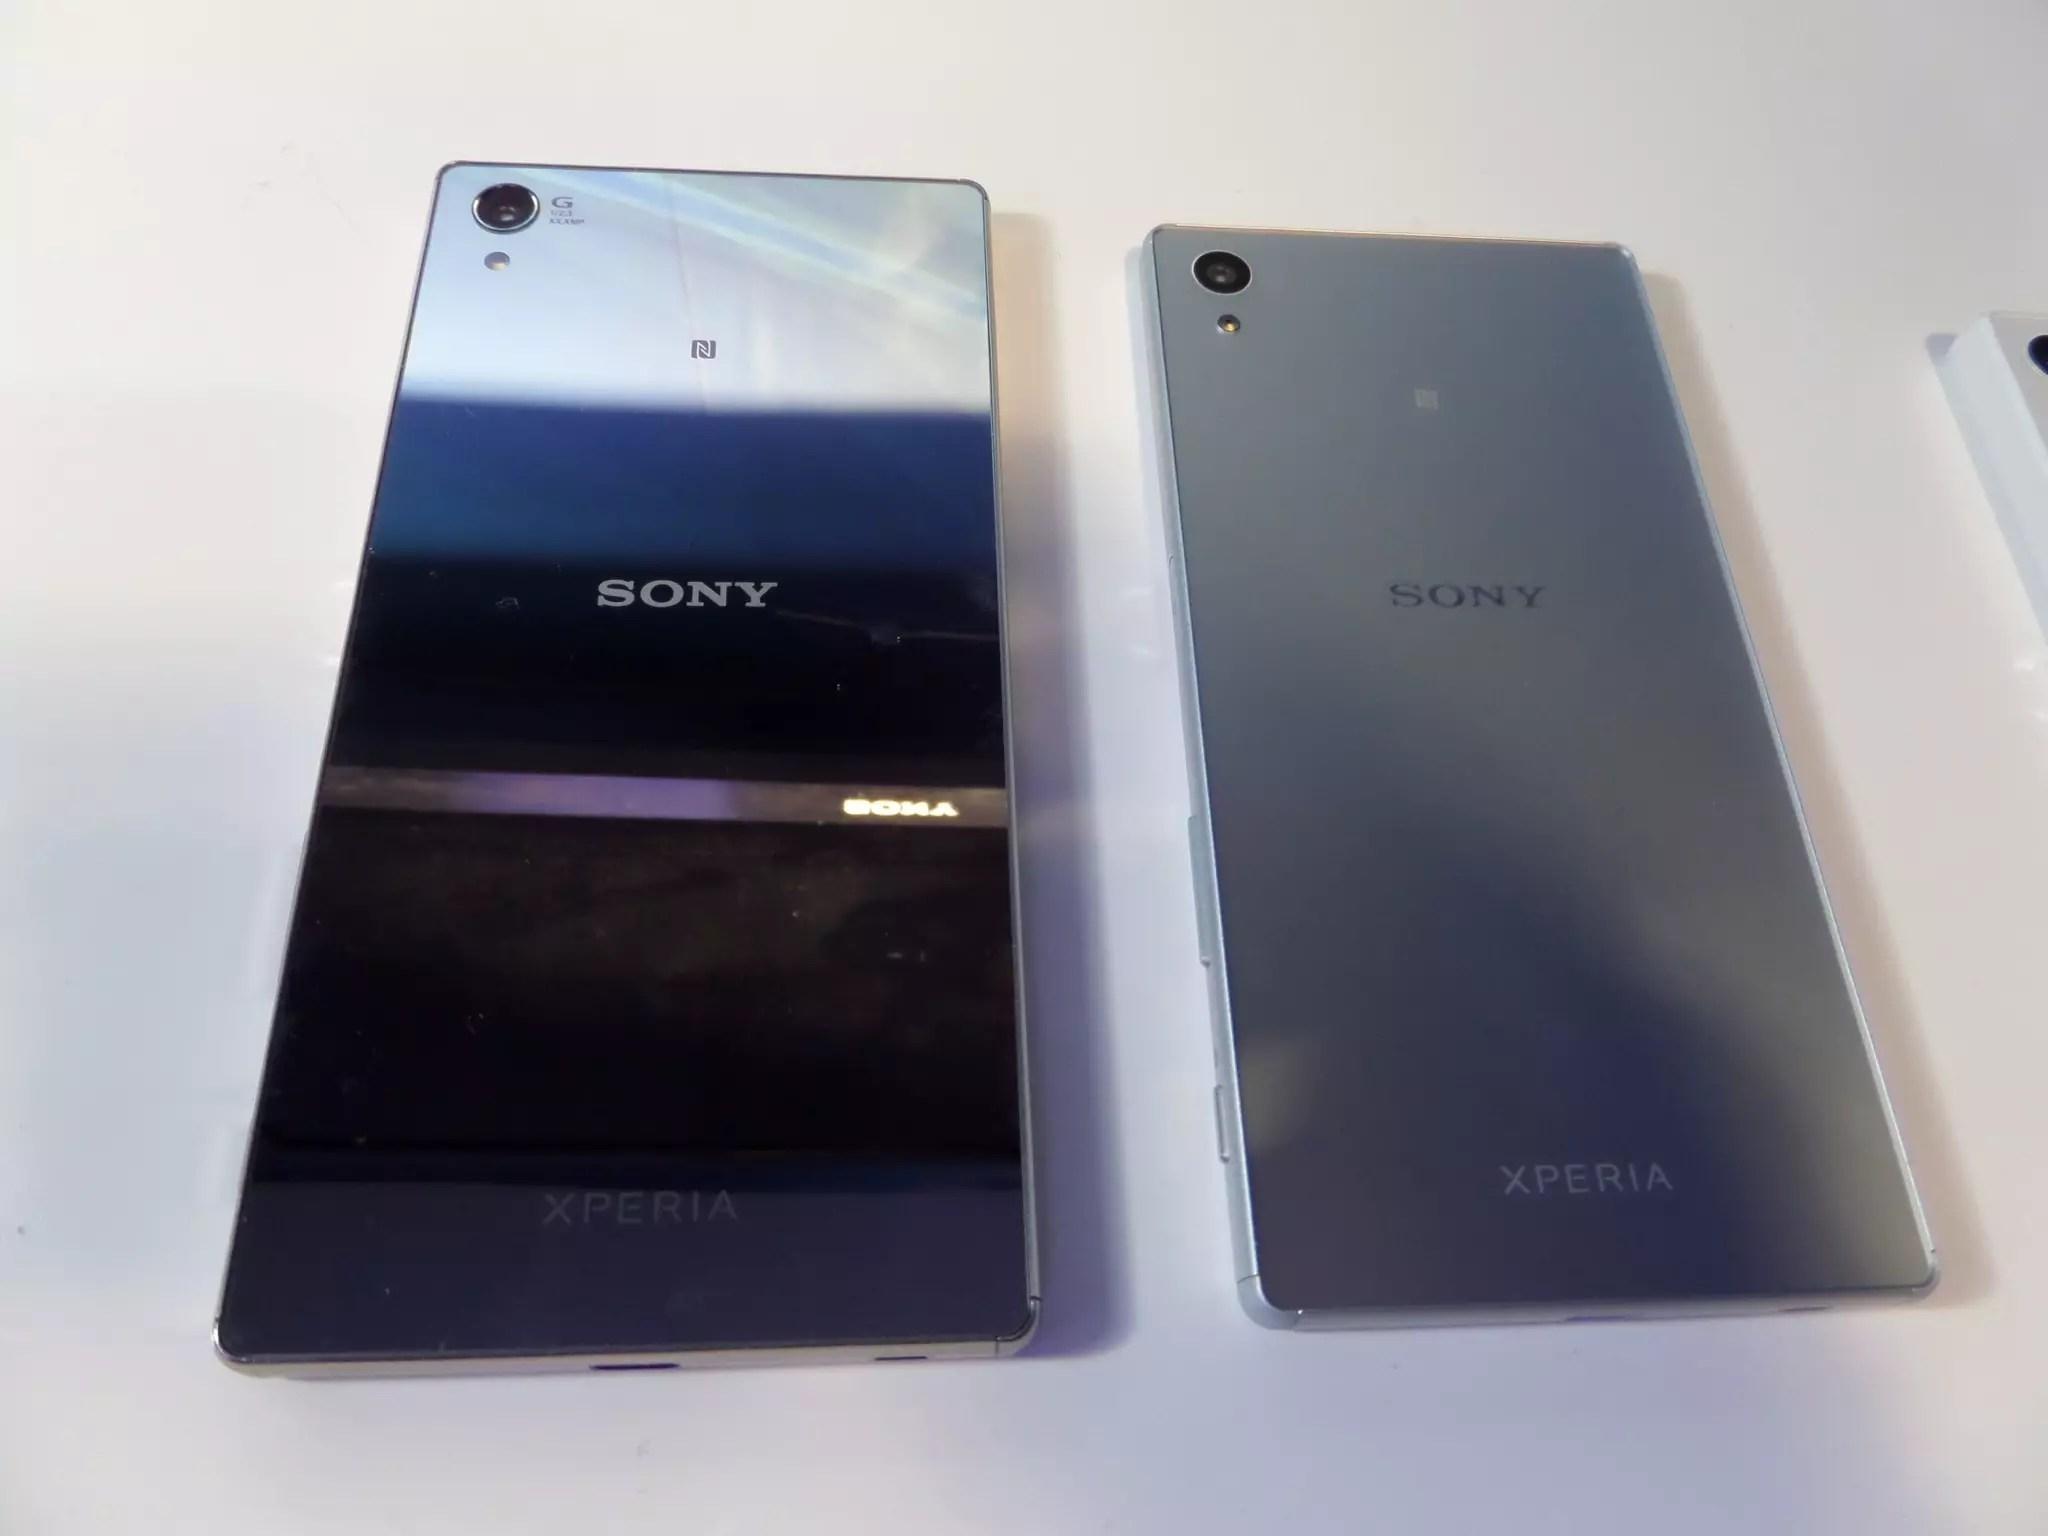 Sony Xperia Z5 y Z5 premium trasera plata